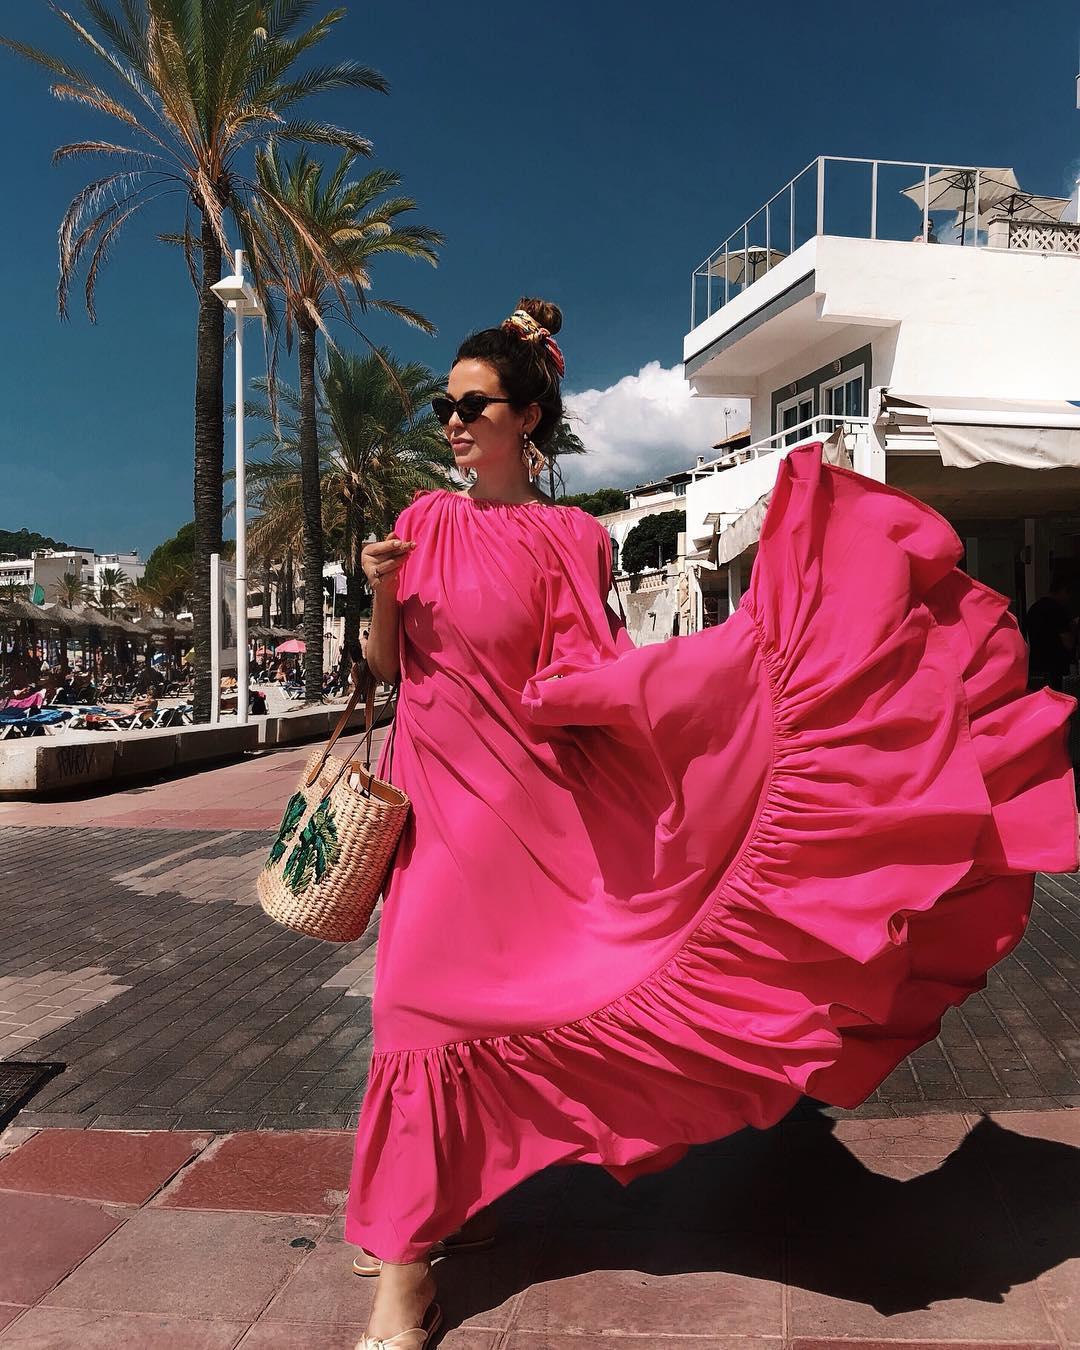 розовое платье фото 15